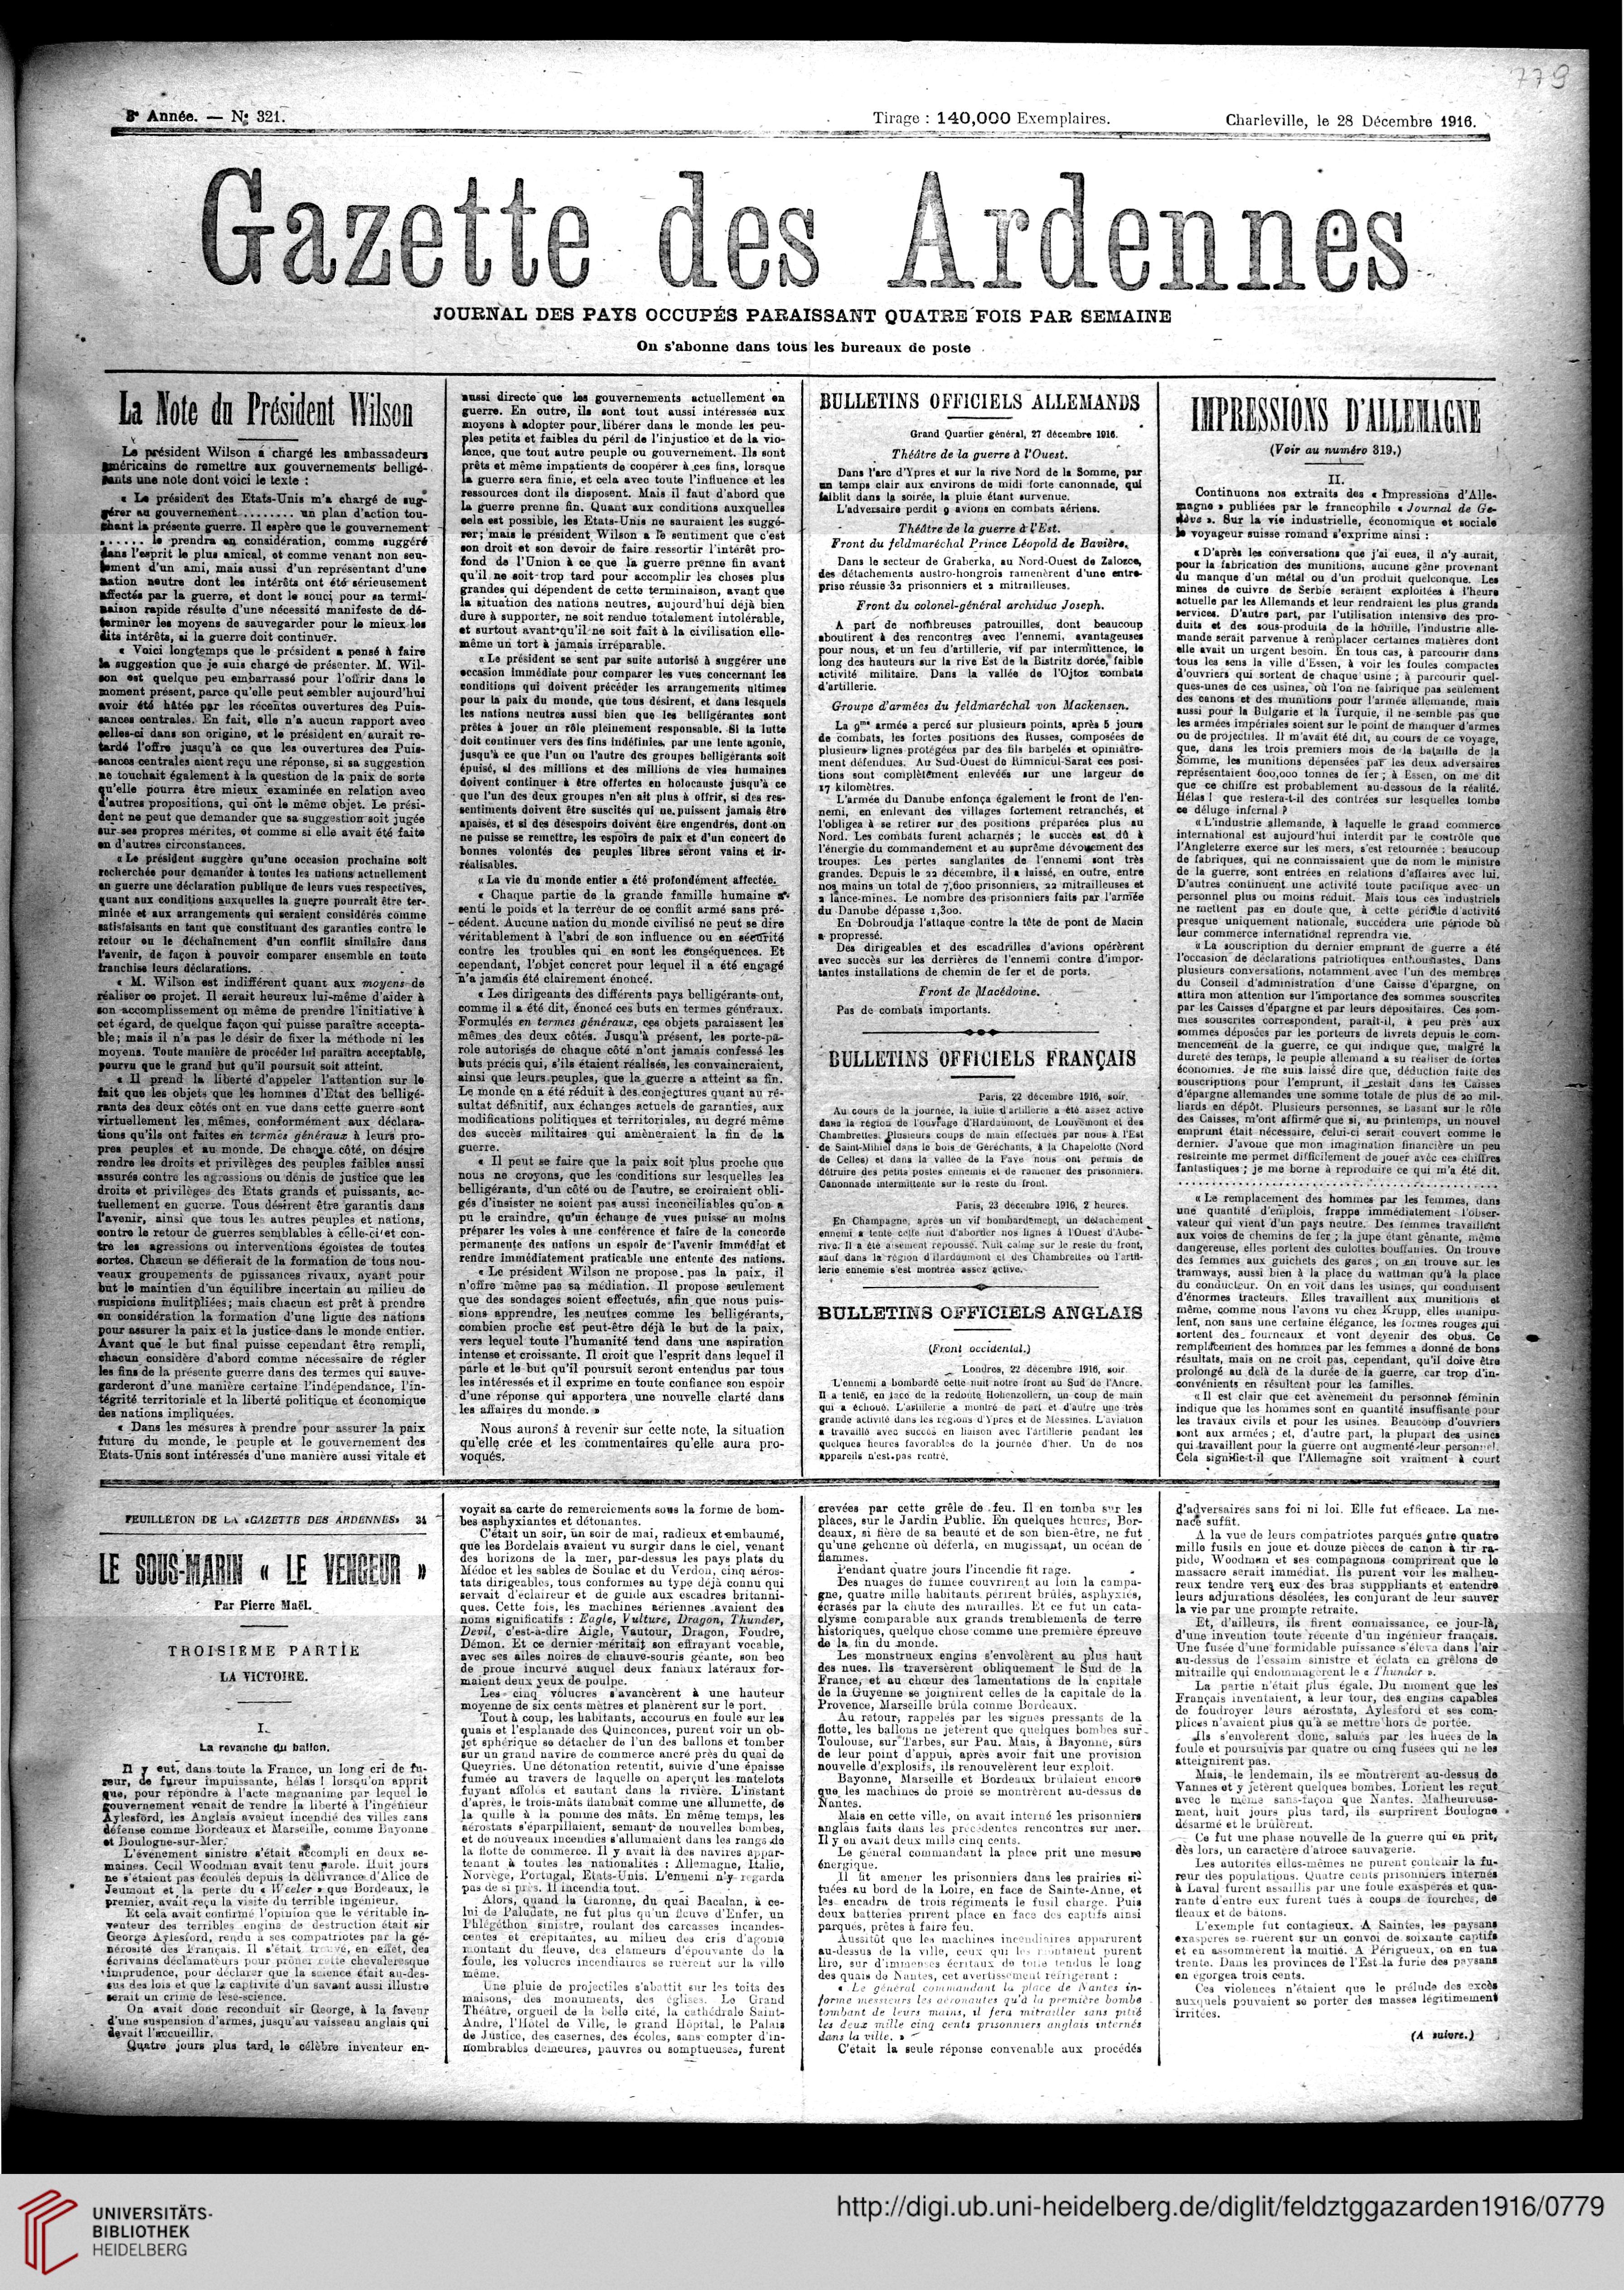 Gazette des Ardennes journal des pays occupés Januar 1916